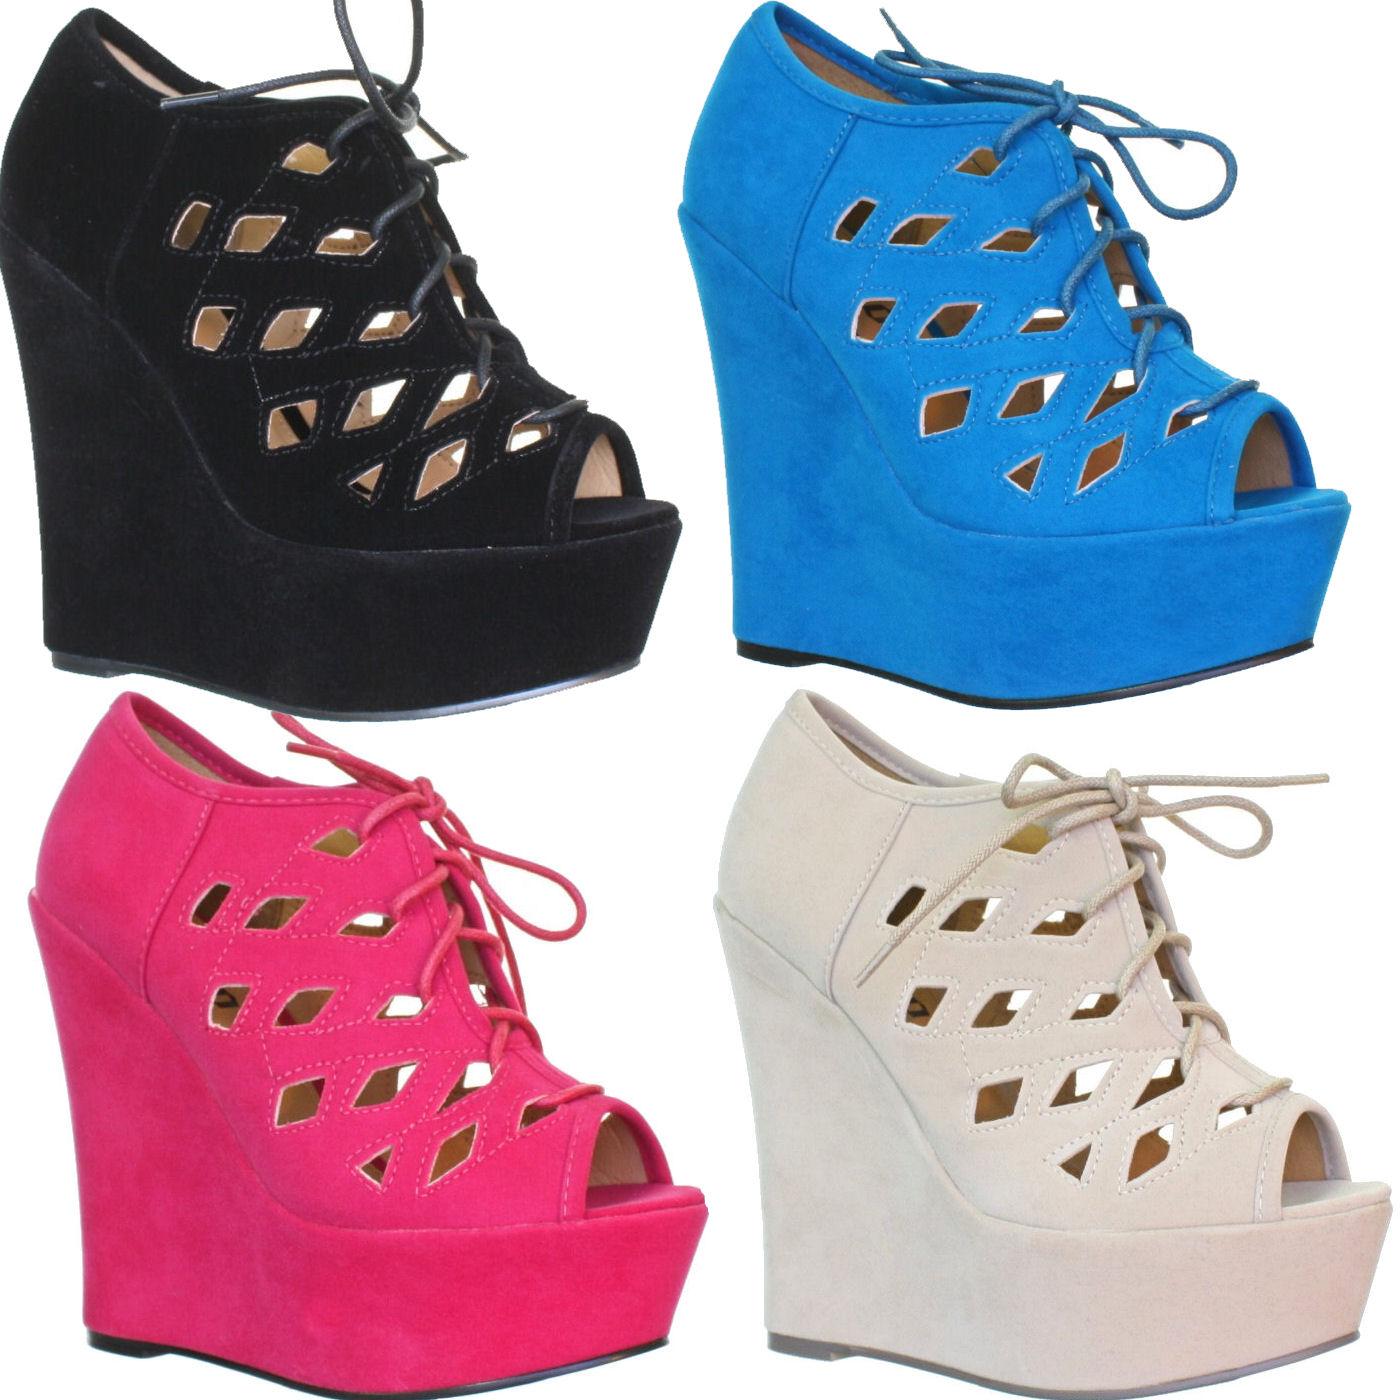 Ladies Wedge Heel Shoes